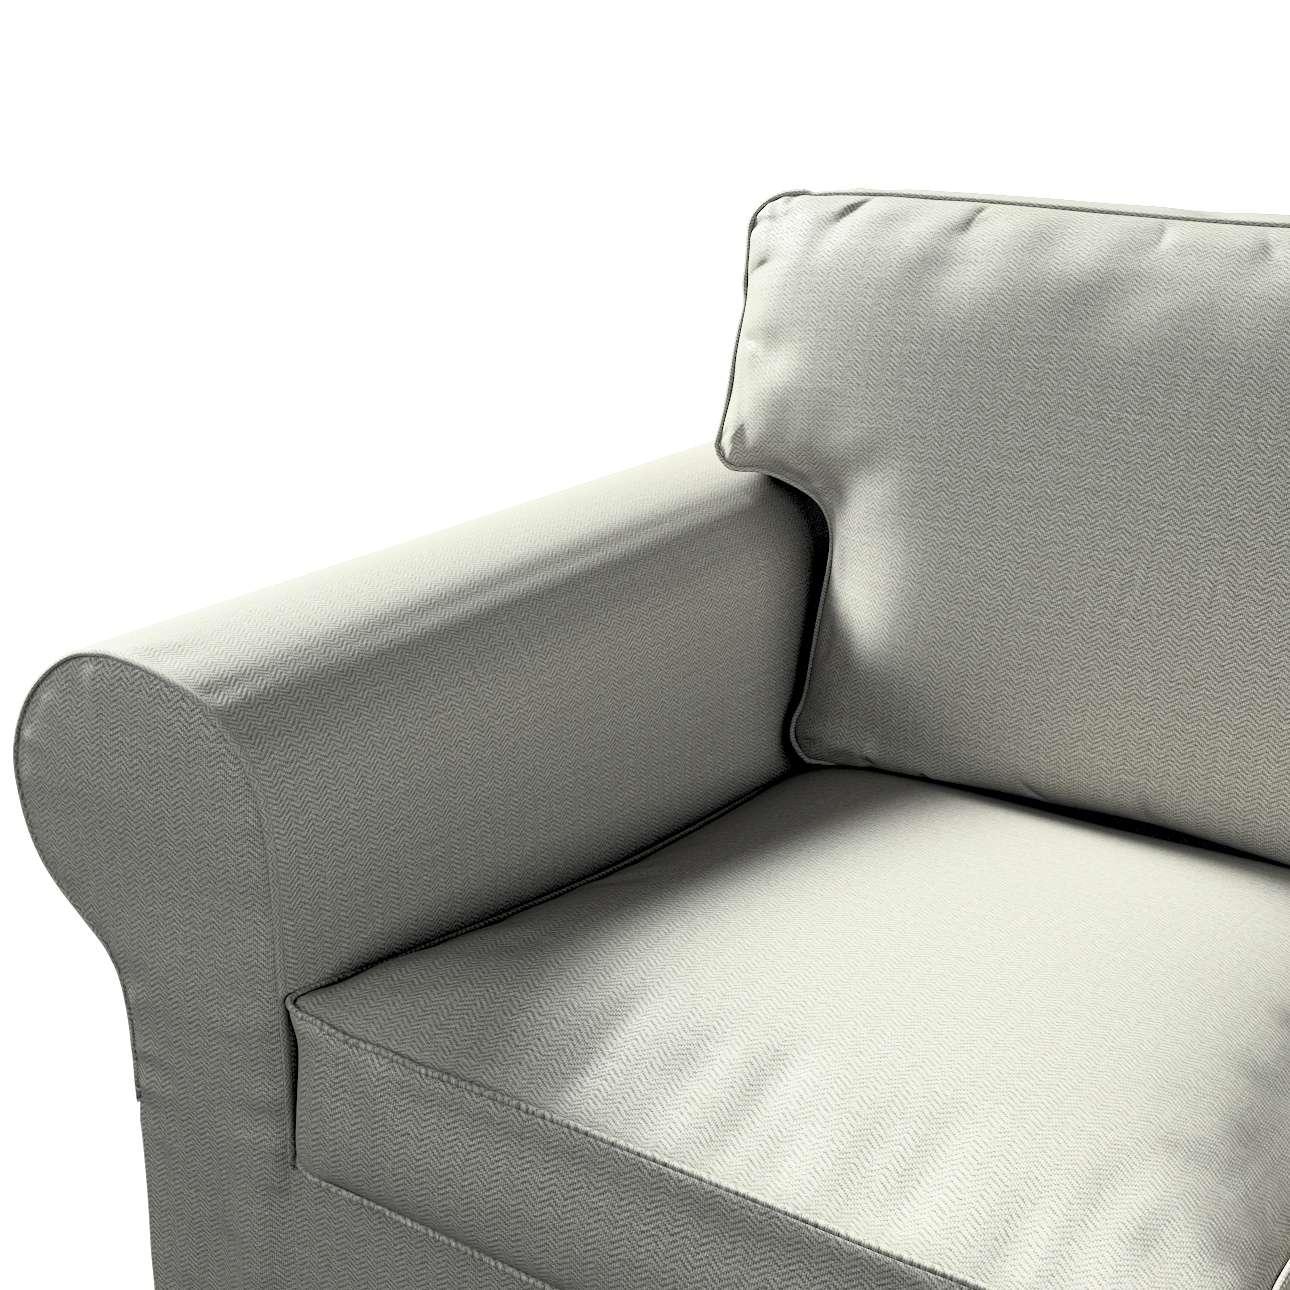 Pokrowiec na sofę Ektorp 3-osobową, rozkładaną, PIXBO w kolekcji Bergen, tkanina: 161-83